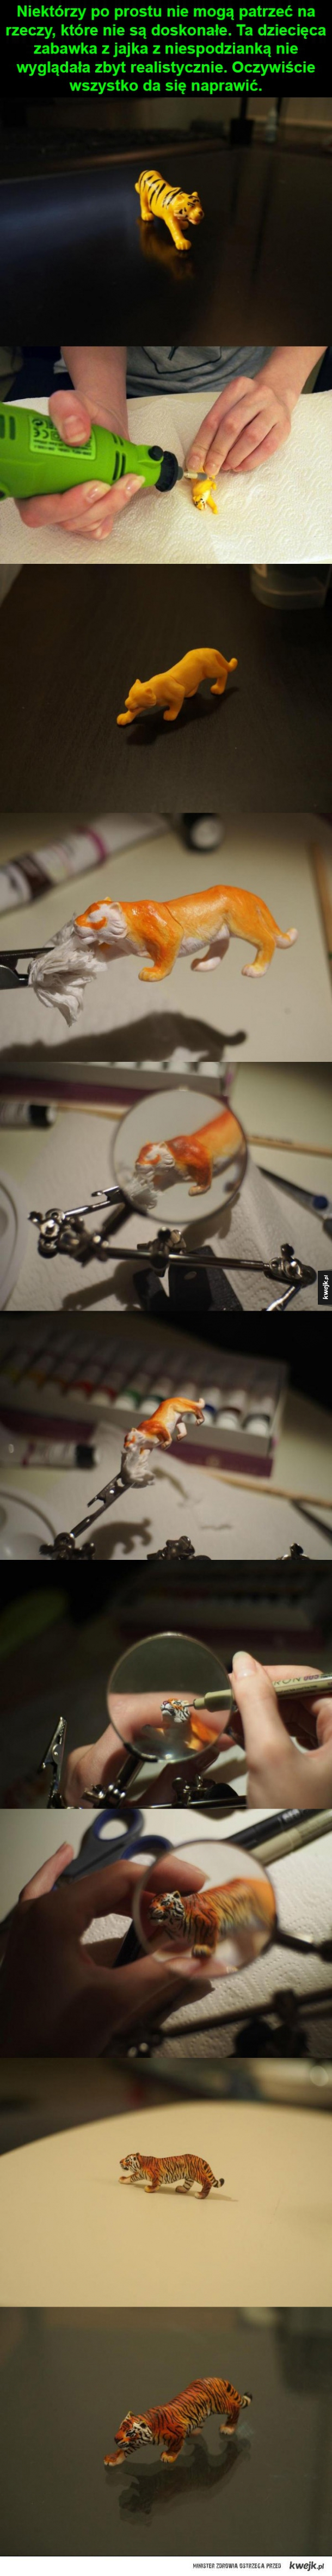 Dziecięca zabawka w rekach artysty